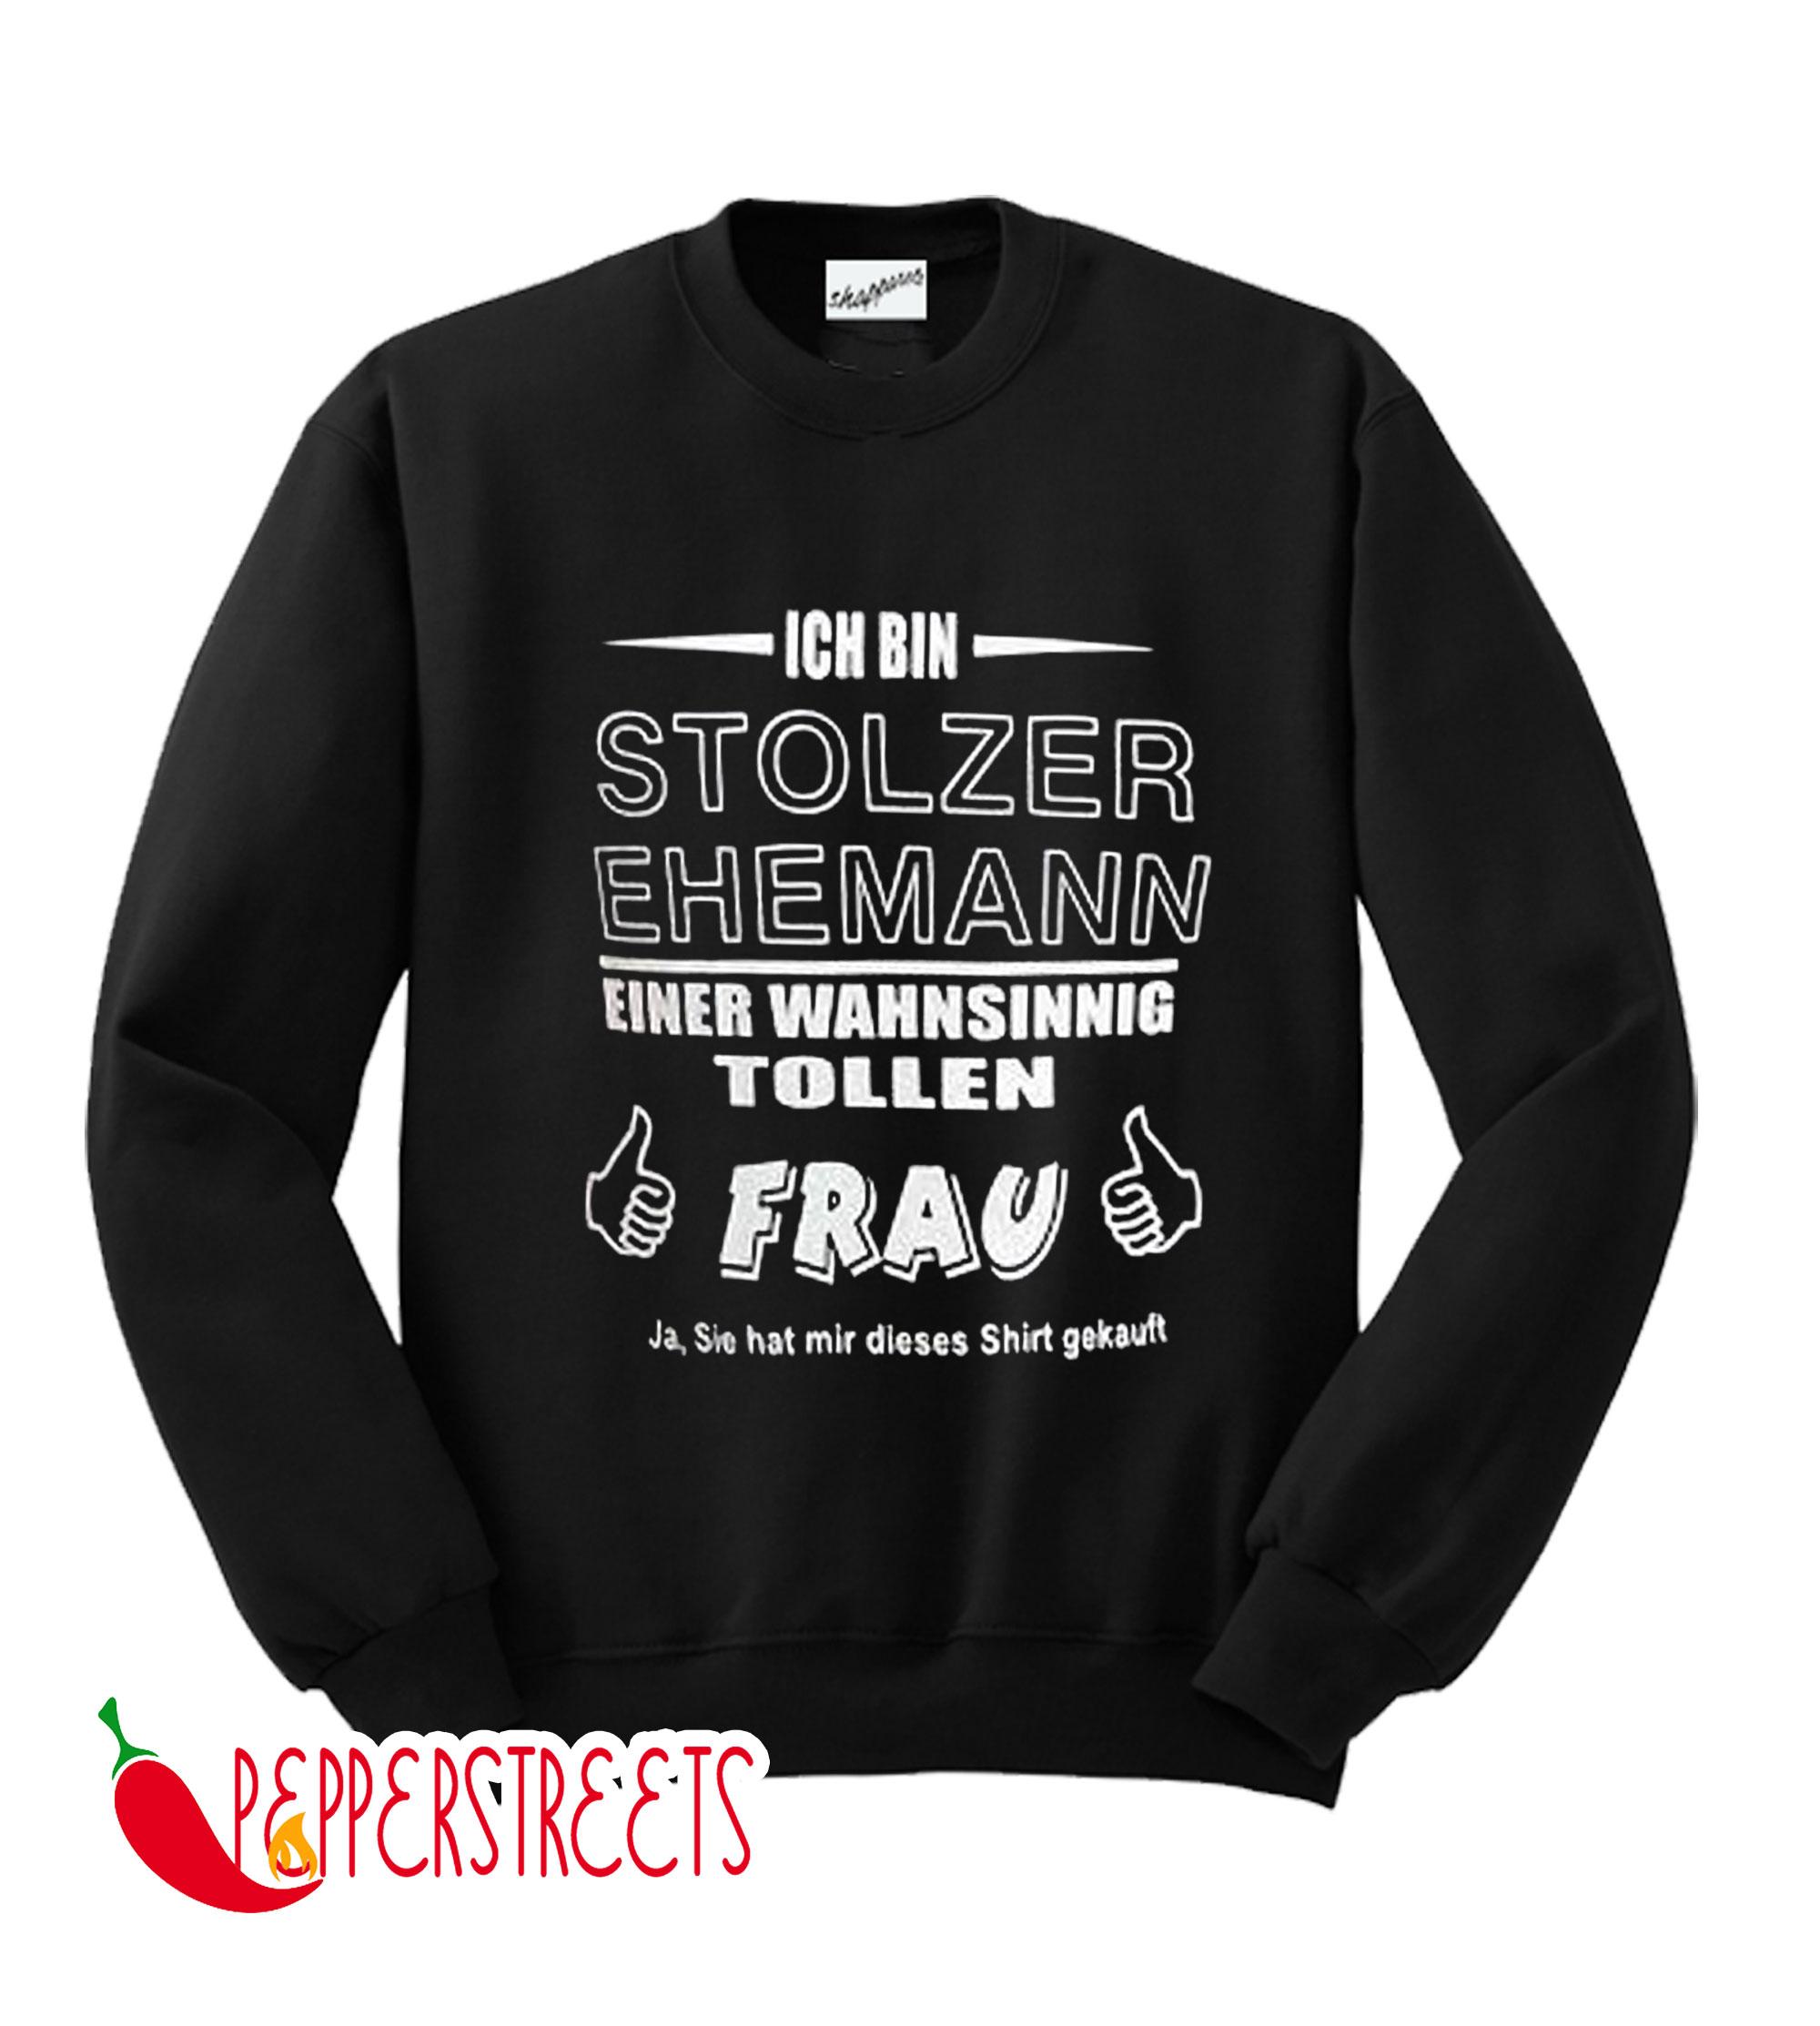 Textil Druck Mannheim Sweatshirt